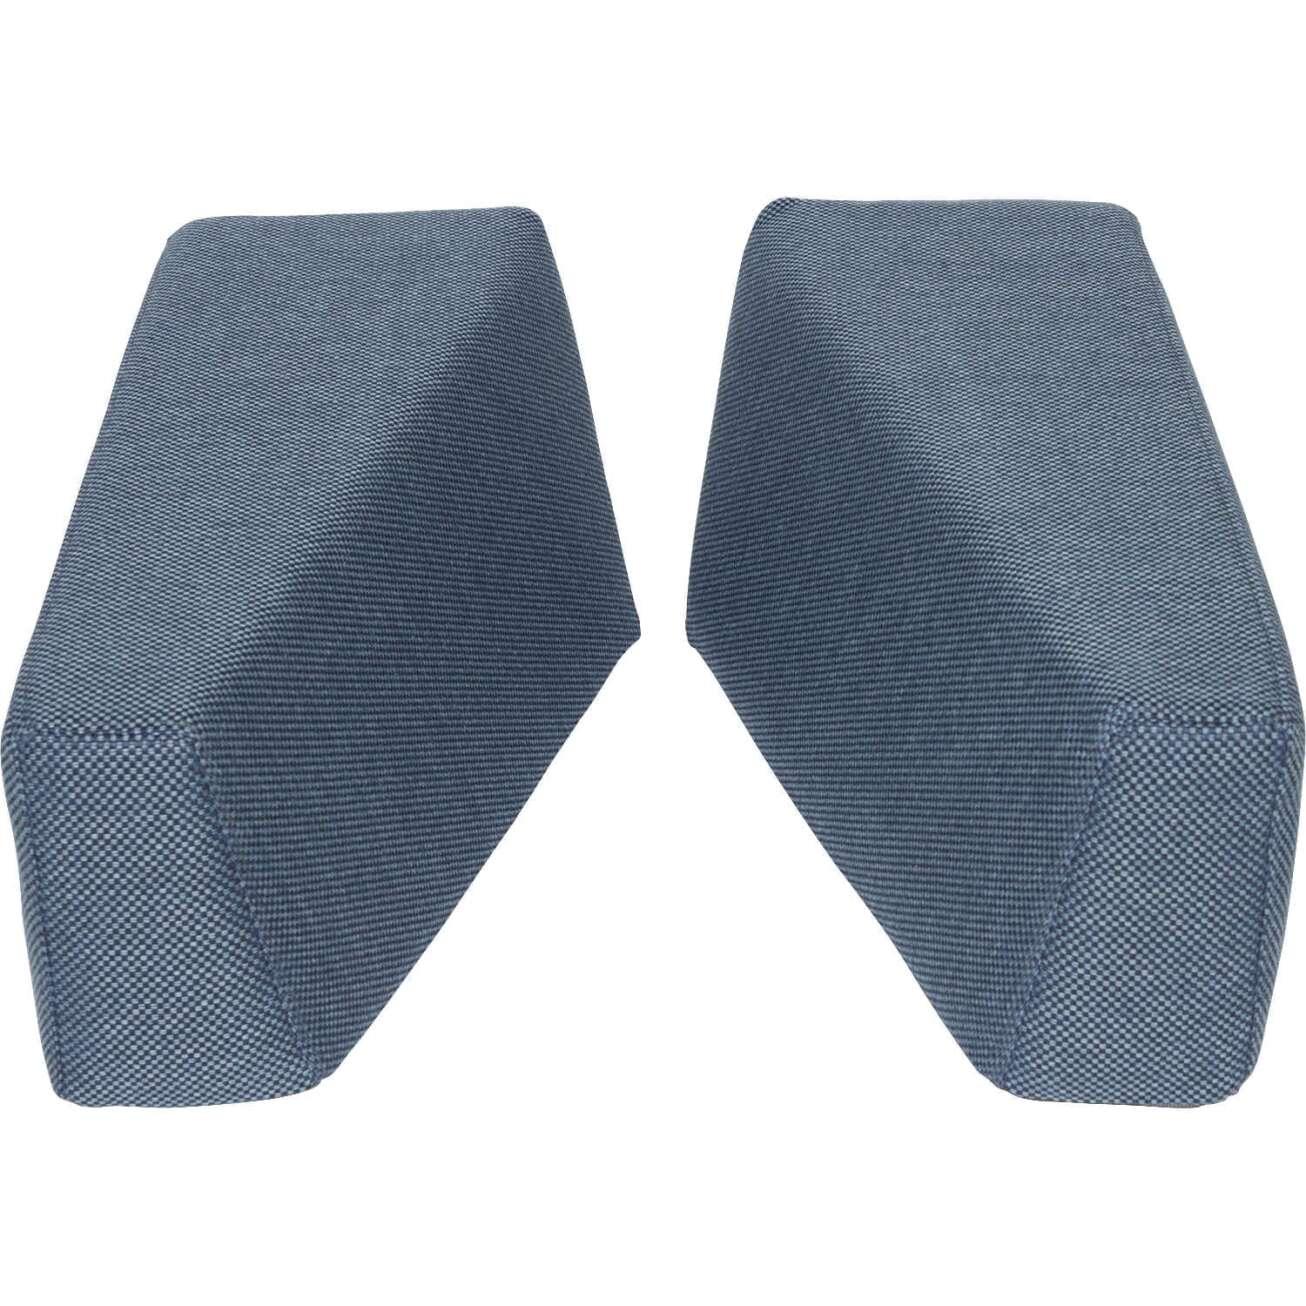 Sundays Frame sofaputer til armlene - blågrå